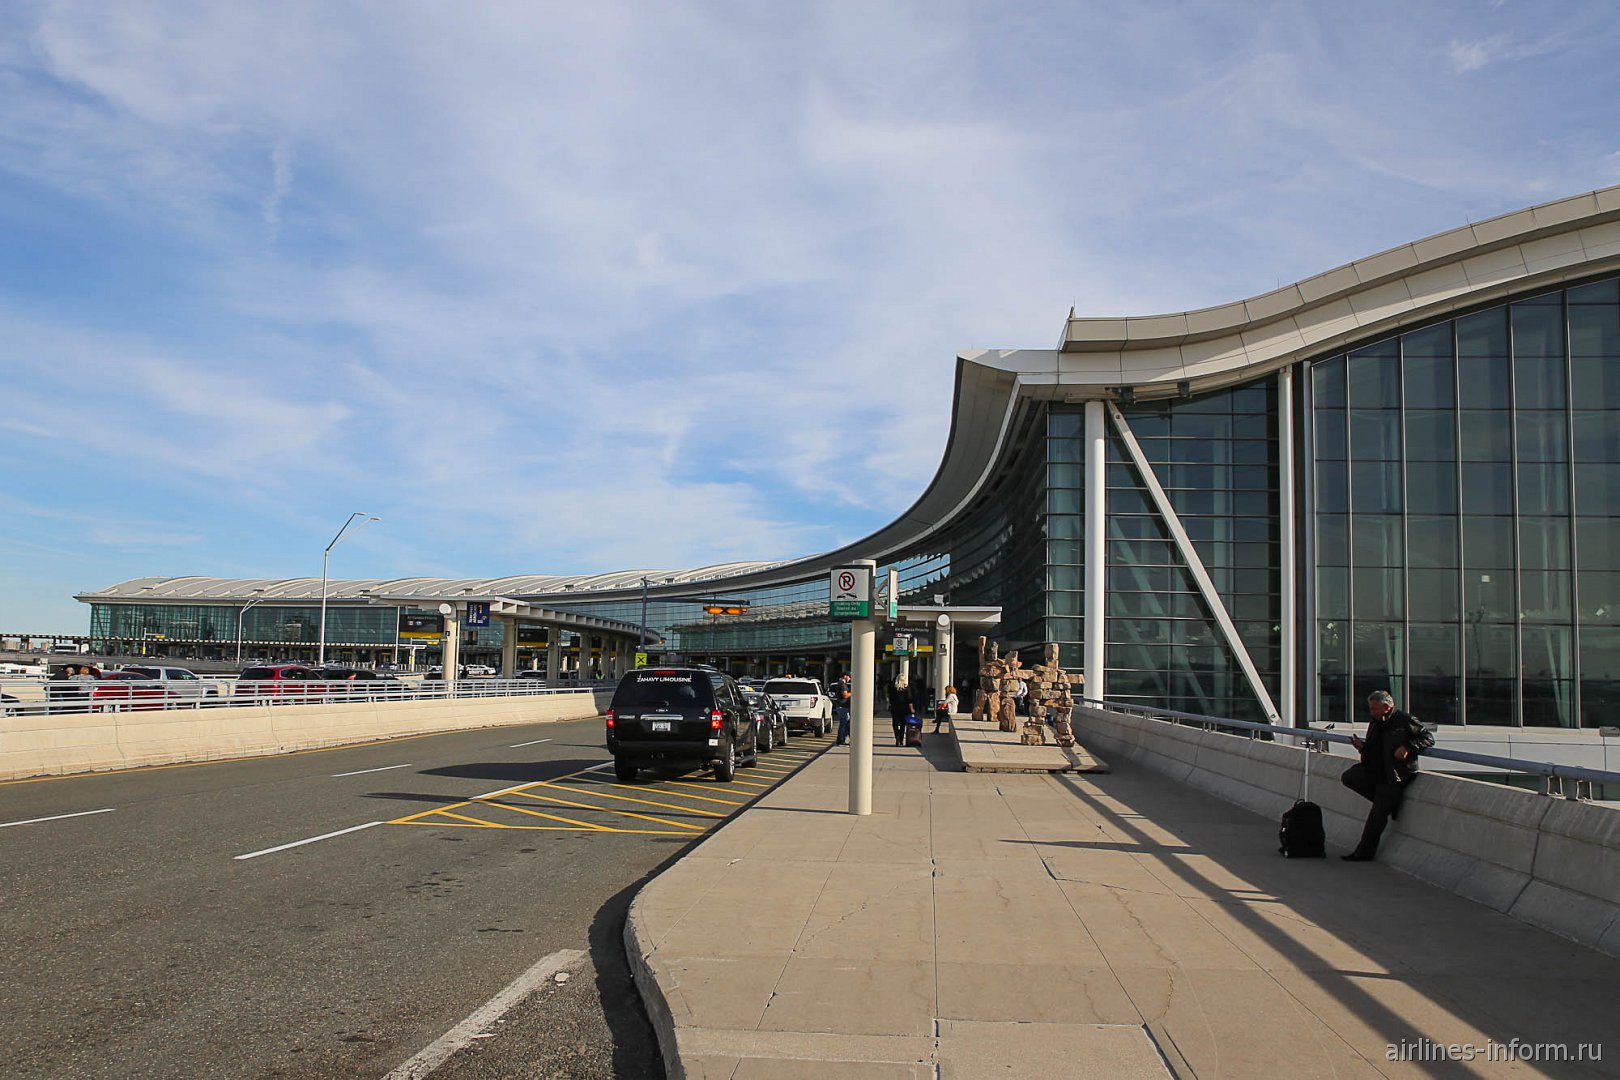 Терминал 1 аэропорта Торонто имени Лестера Пирсона